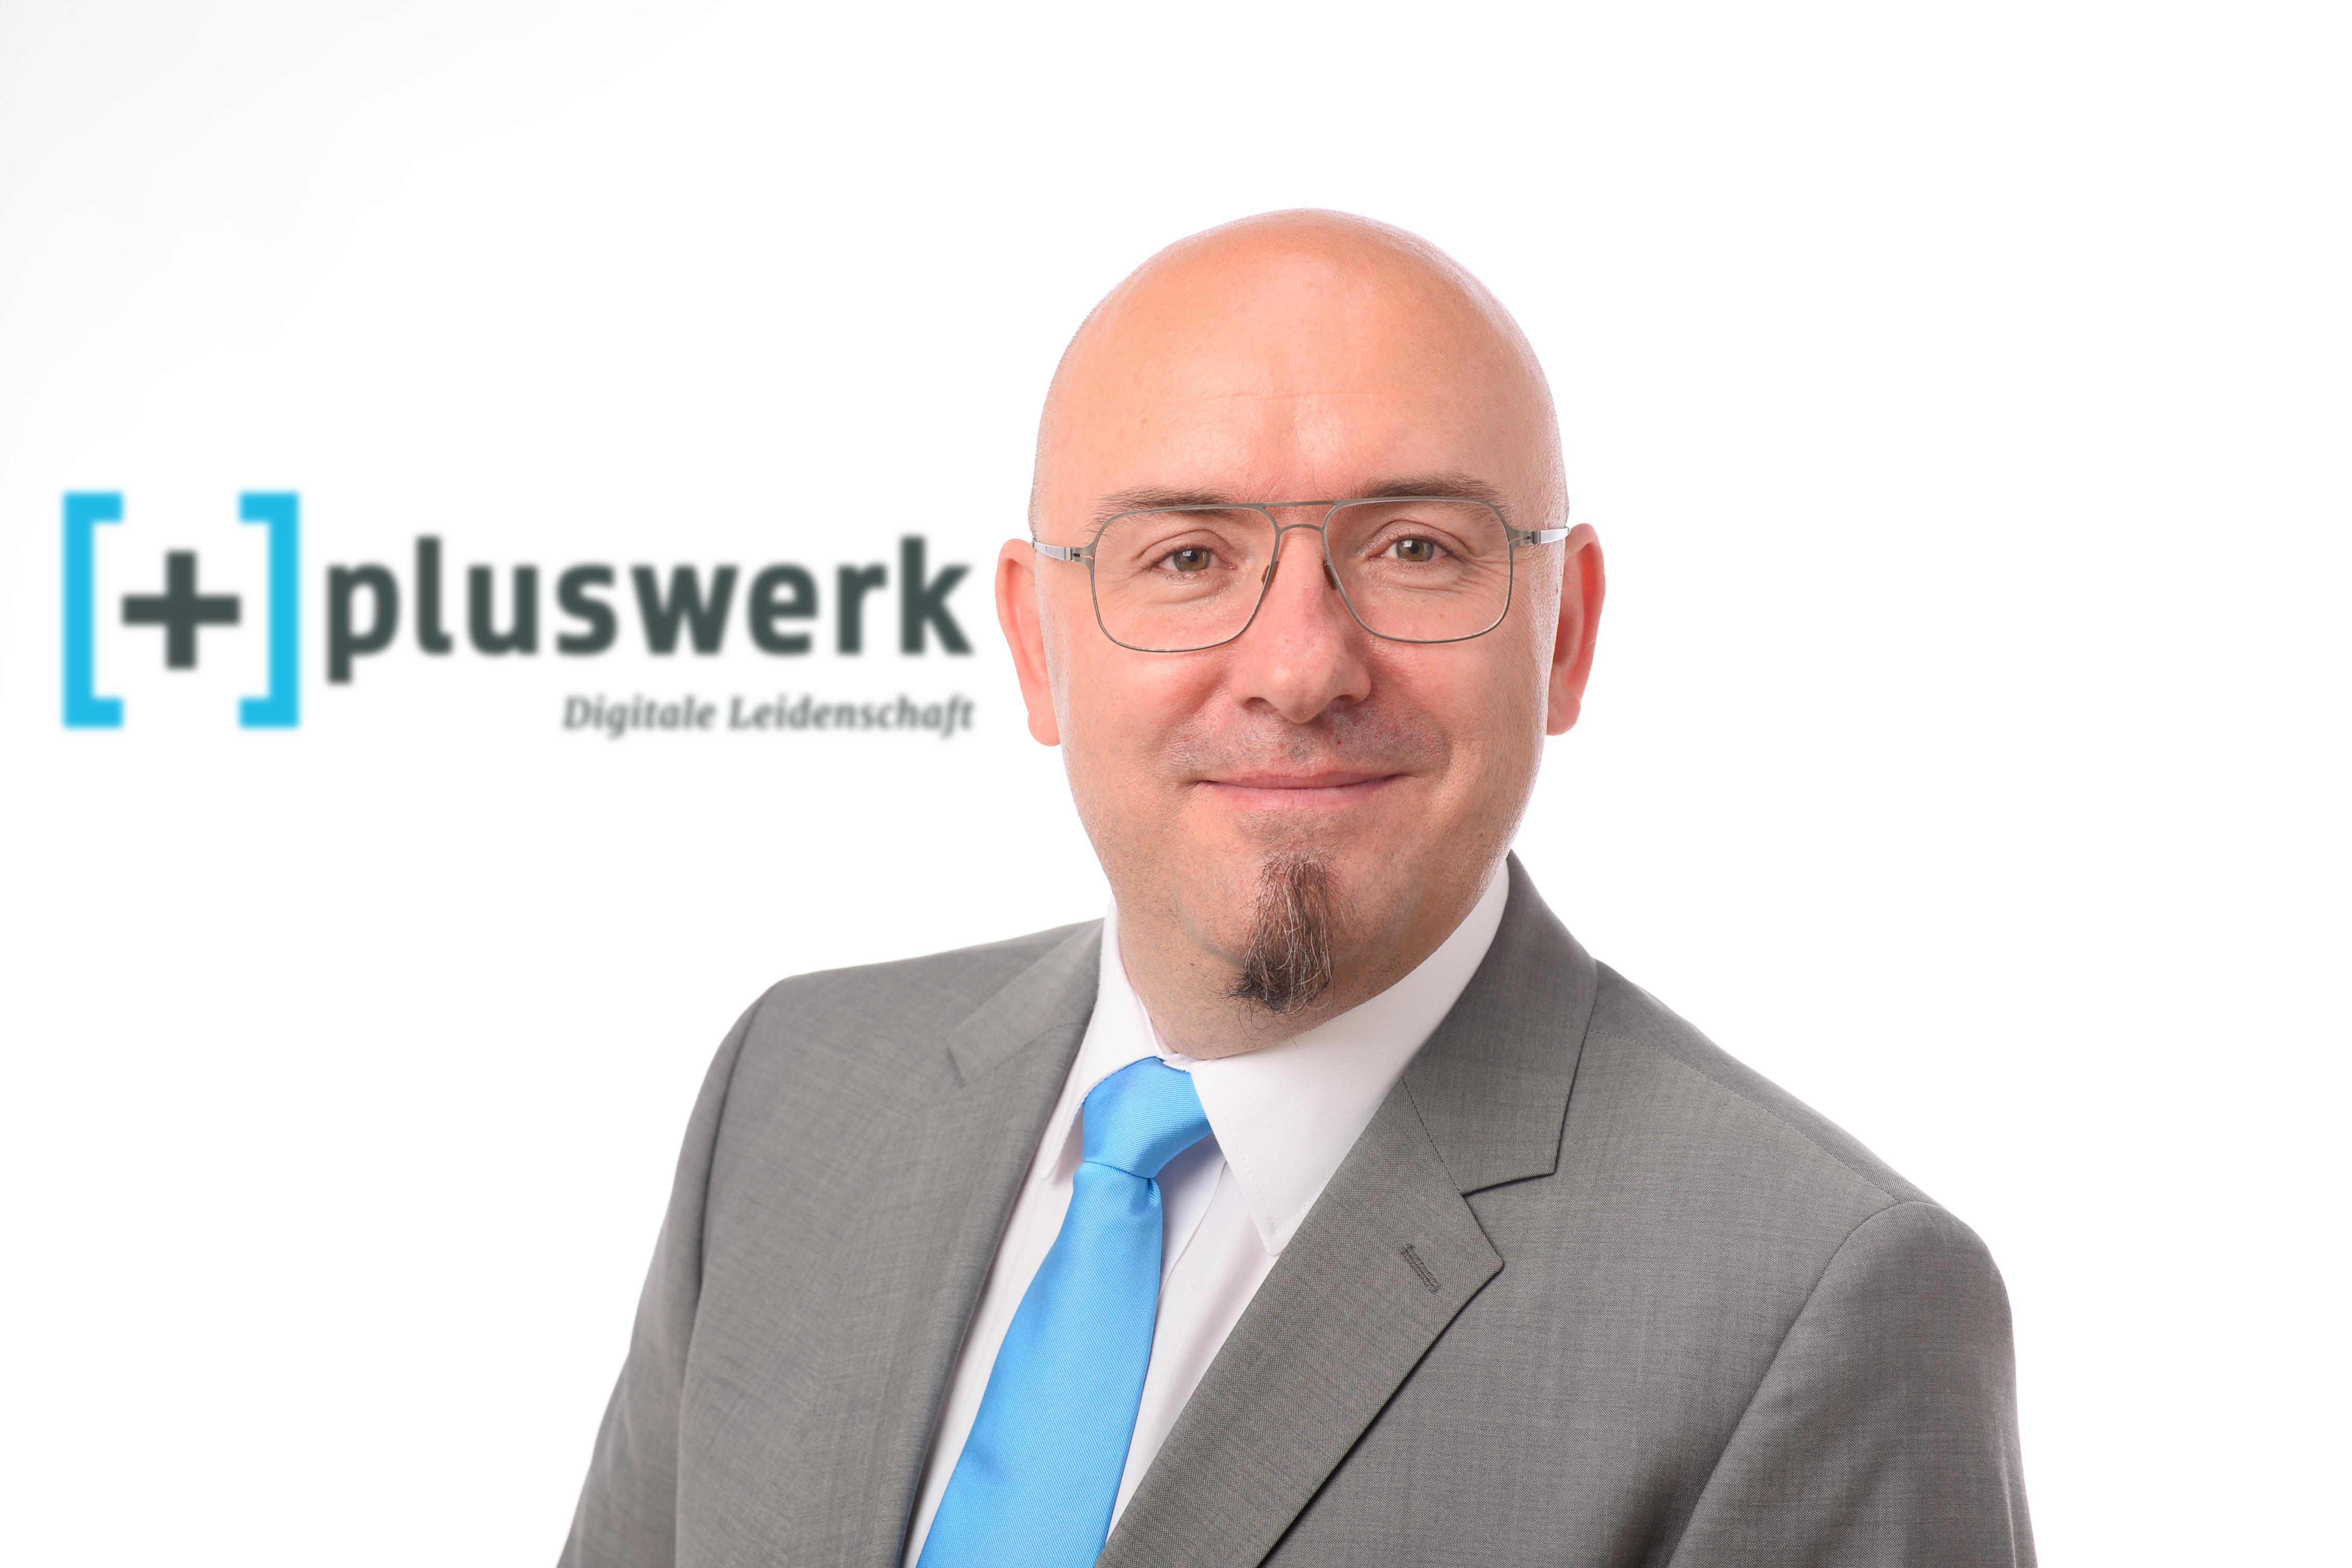 Patrick Lobacher +pluswerk AG